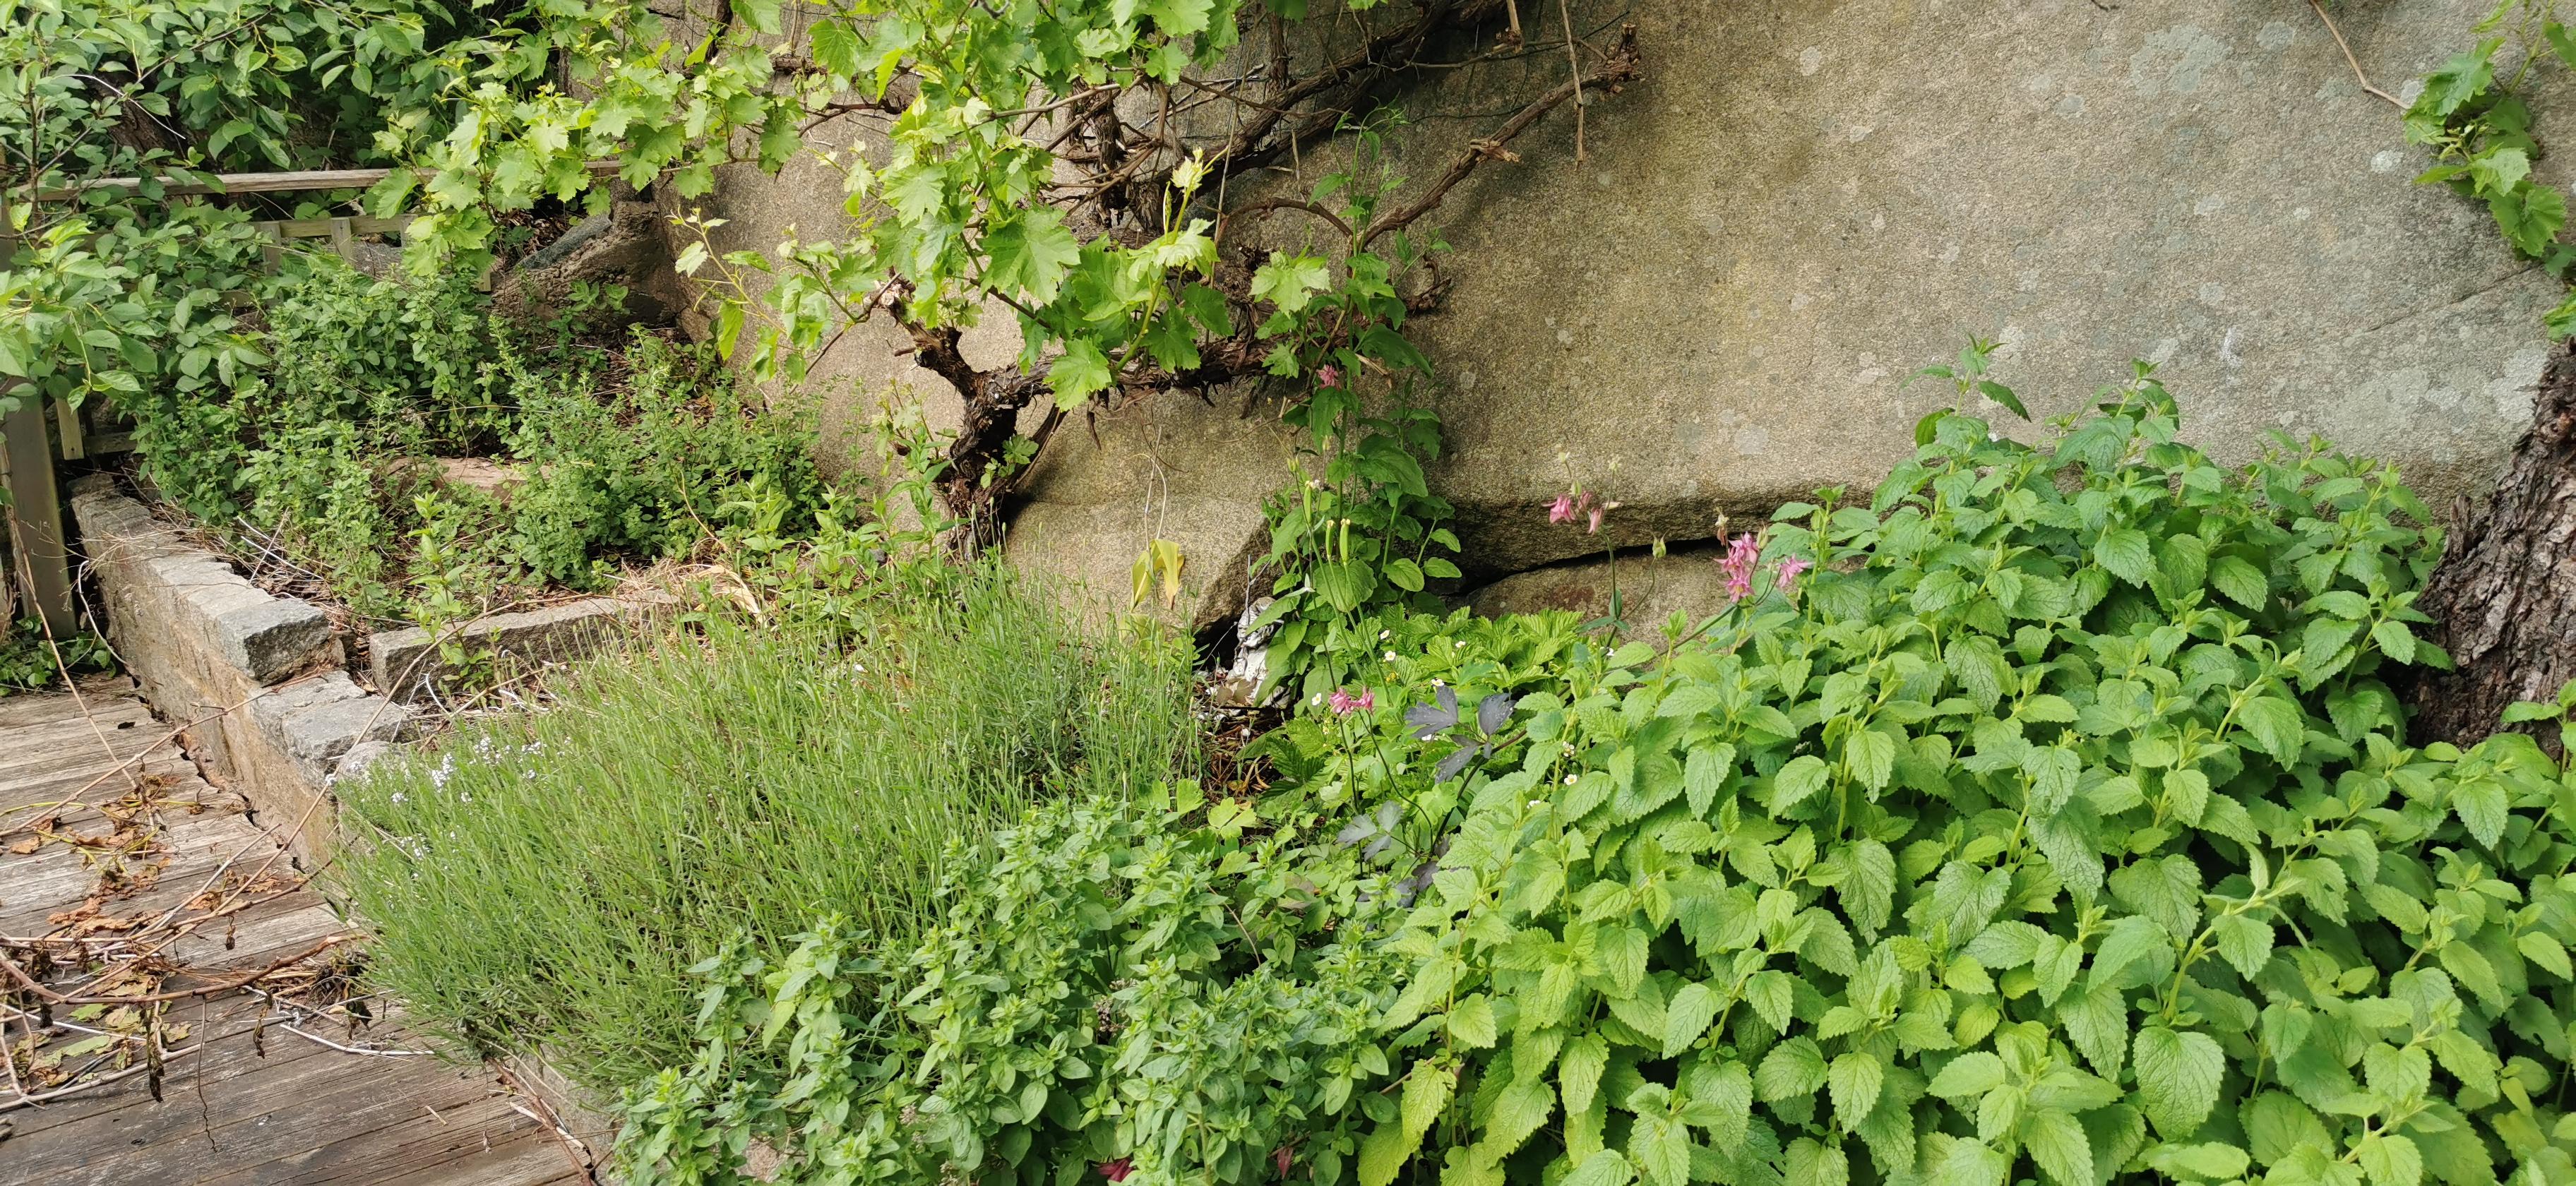 Prunkande & Vildvuxen trädgård söker odlare